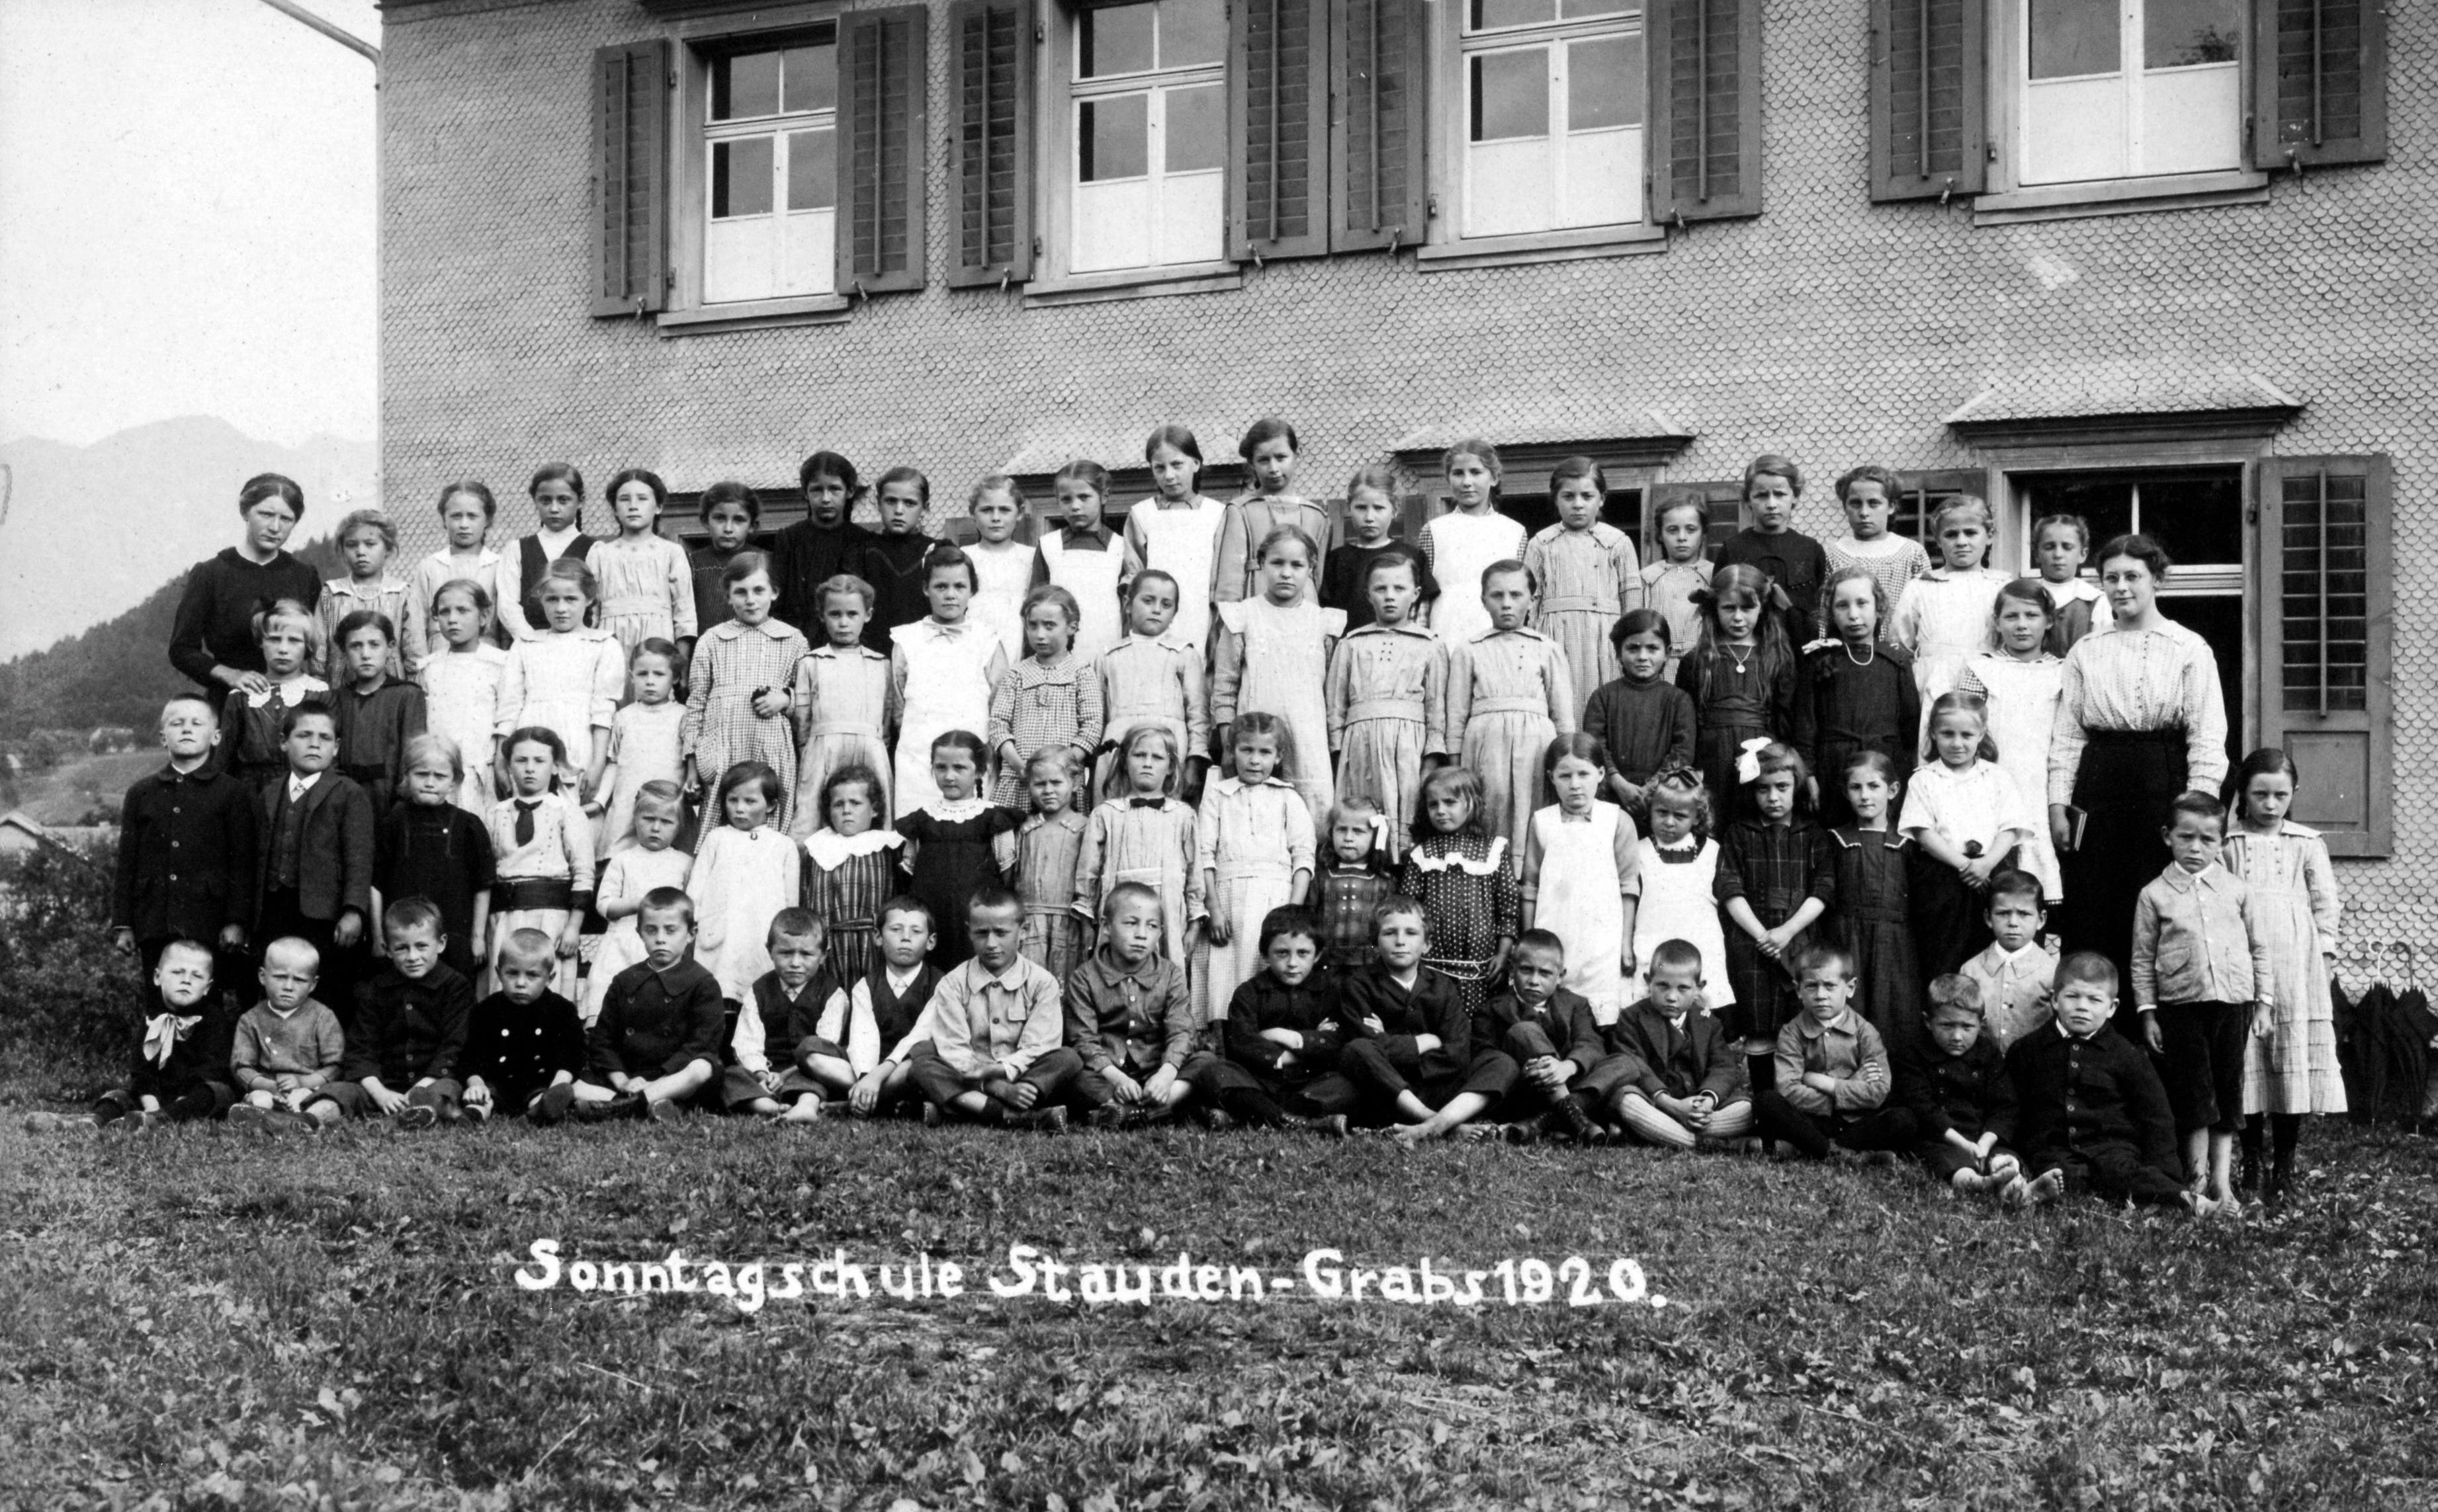 Die Sonntagsschule Stauden in Grabs im Jahr 1920. Die Kleidung der Mädchen war im Vergleich zu 1901 sehr viel heller.